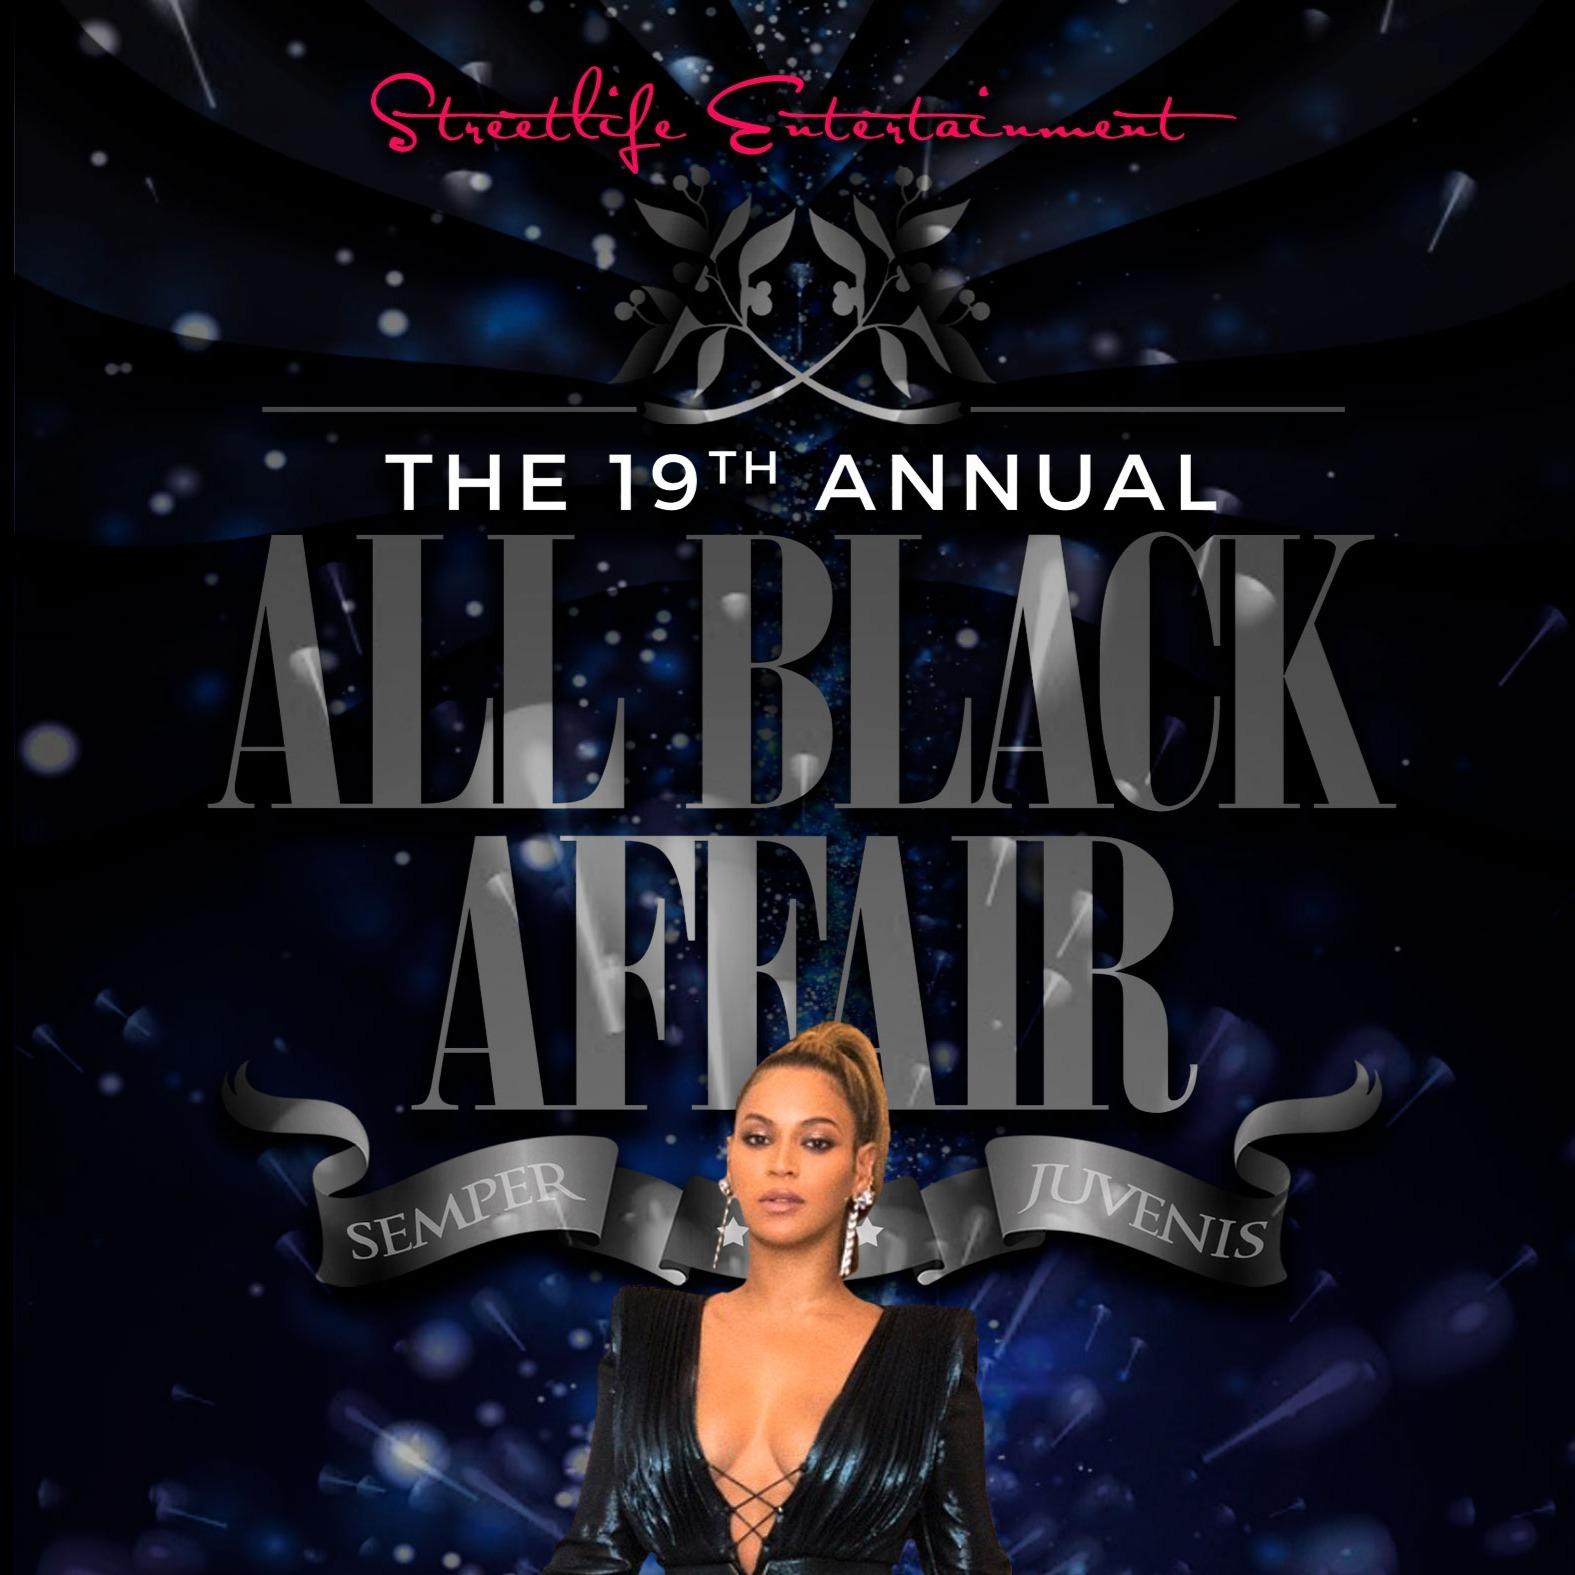 19th Annual All Black Affair